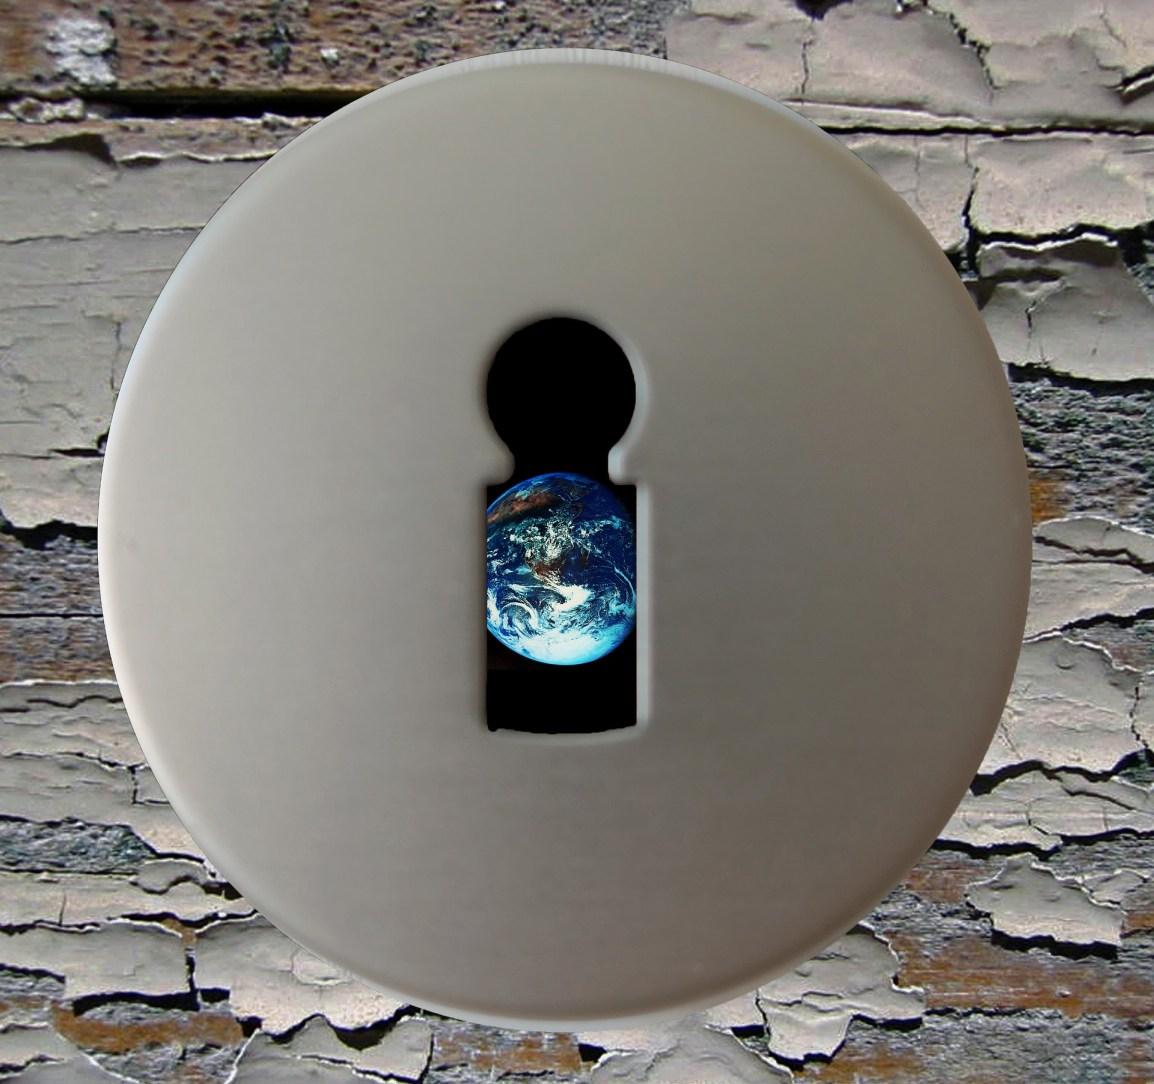 key-hole-2364409_1920.jpg